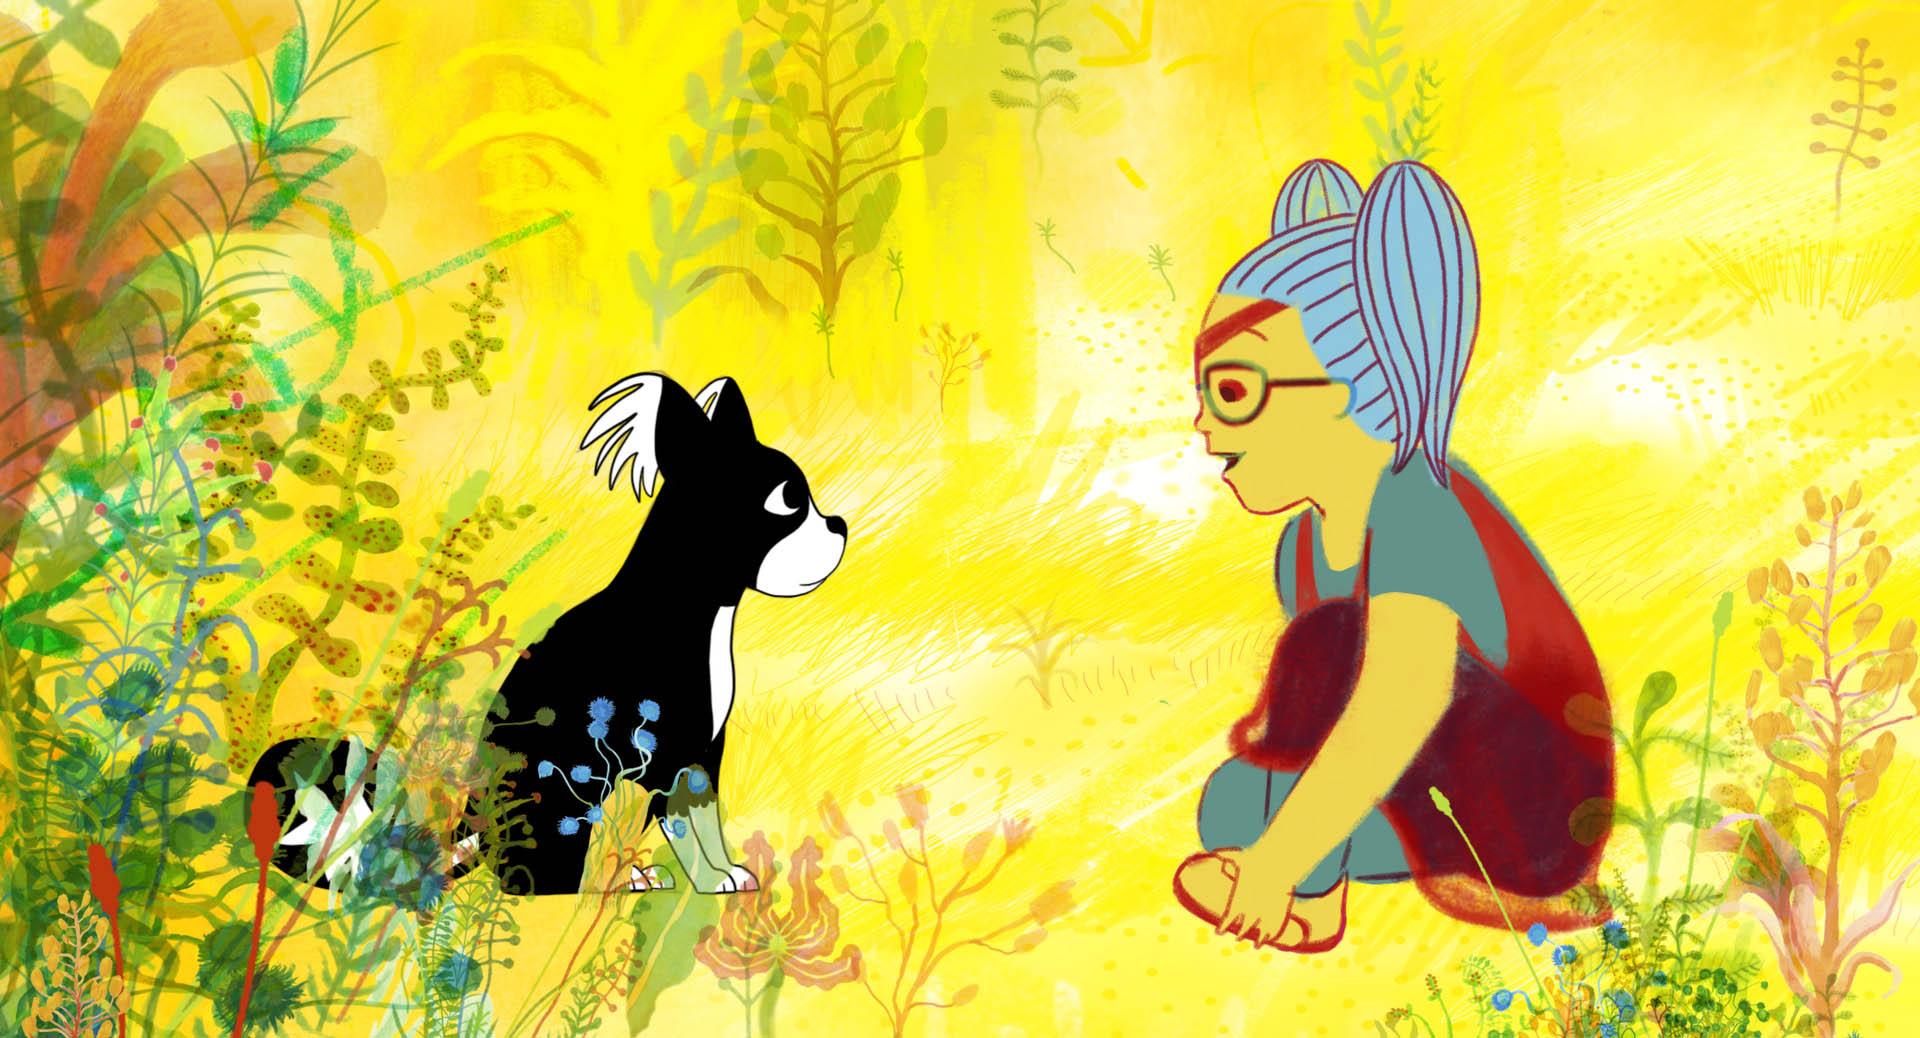 電影畫風則是攜手時尚品牌LV力邀合作的比利時新銳漫畫家—布雷希特艾文斯,利用活潑的線條搭配鮮豔的色彩,跳脫以往的框架呈現